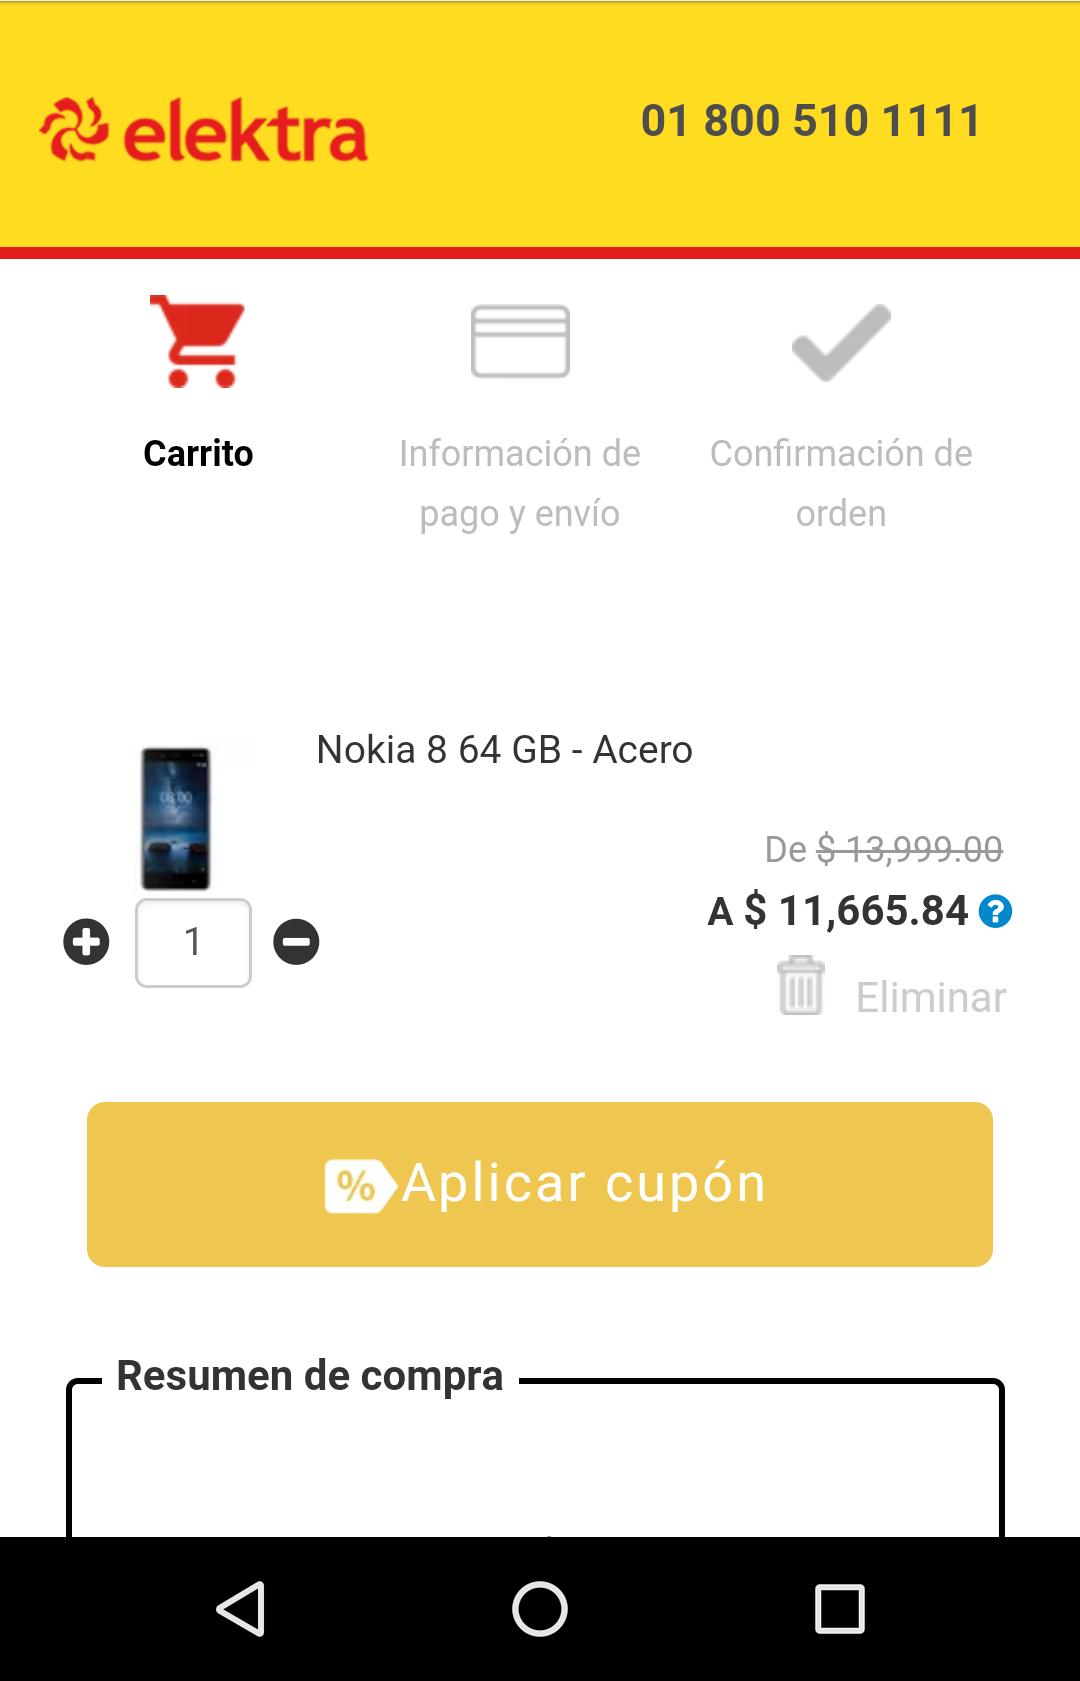 Elektra: Nokia 8 con descuento de nuevo.